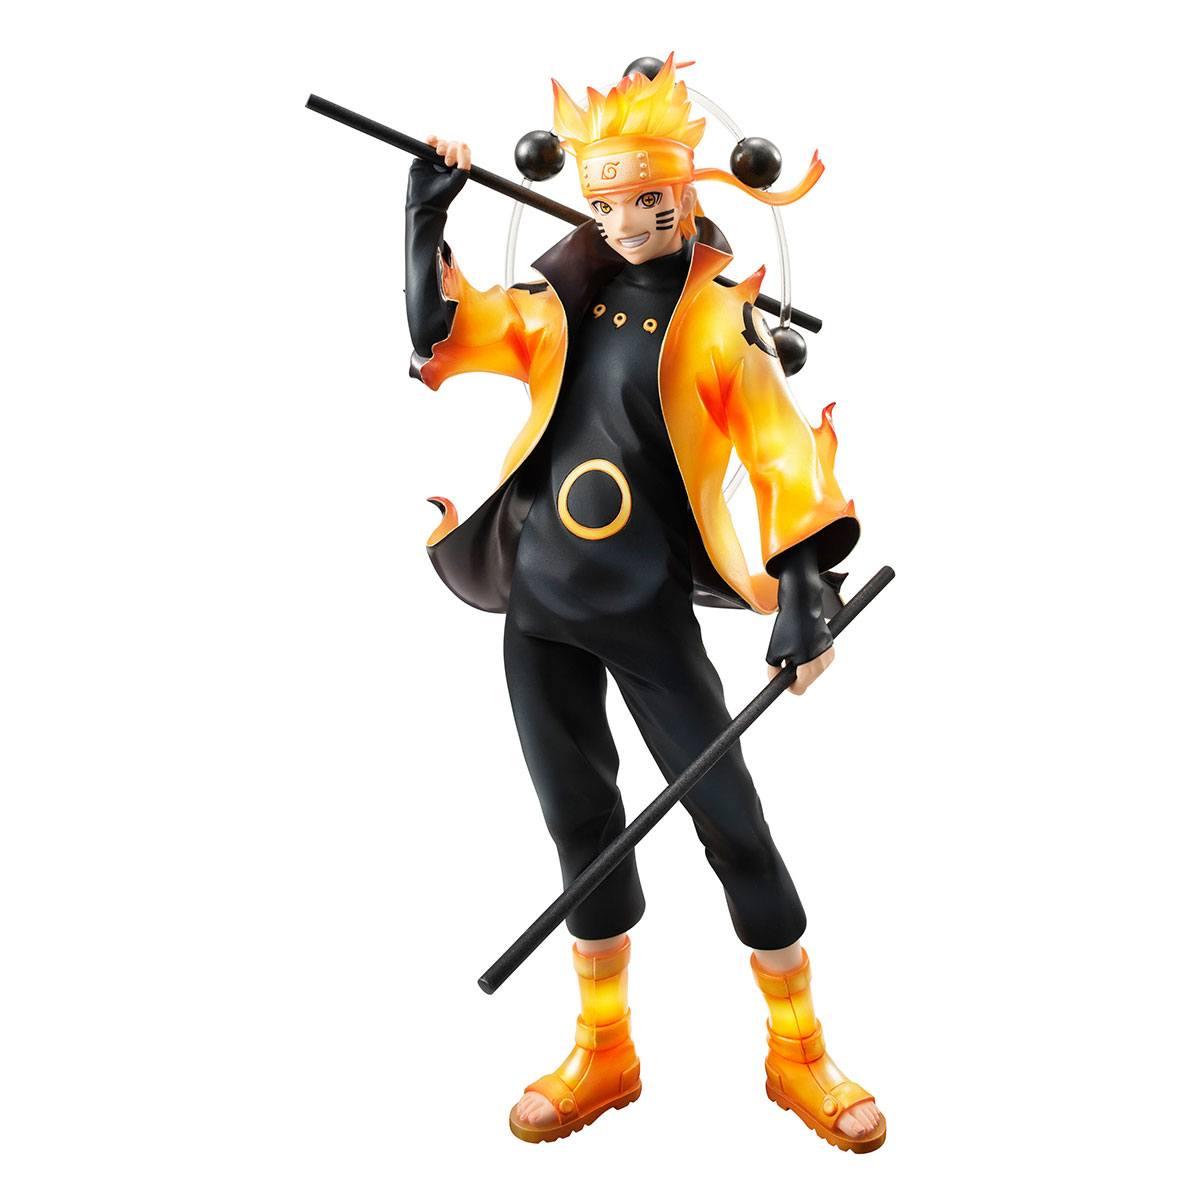 MEGAHOUSE - Naruto Shippuden G.E.M. Series PVC Statue Uzumaki Naruto Rikudo Sennin Mode 22 cm